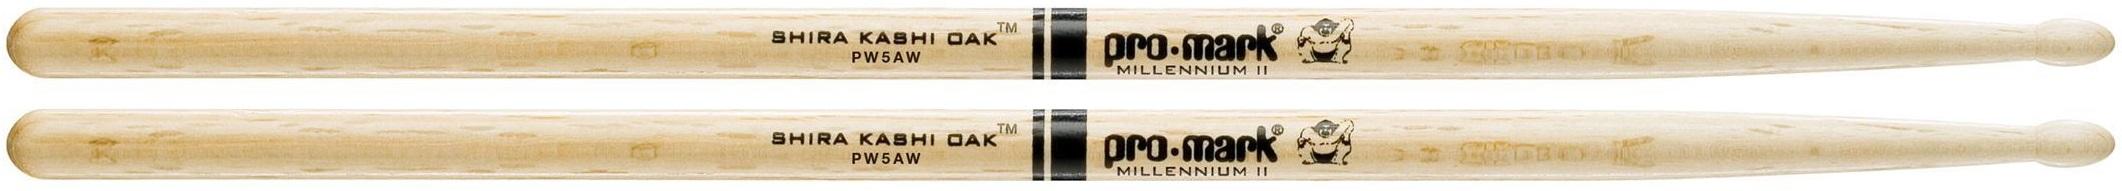 ProMark 5A Shira Kashi™ Oak